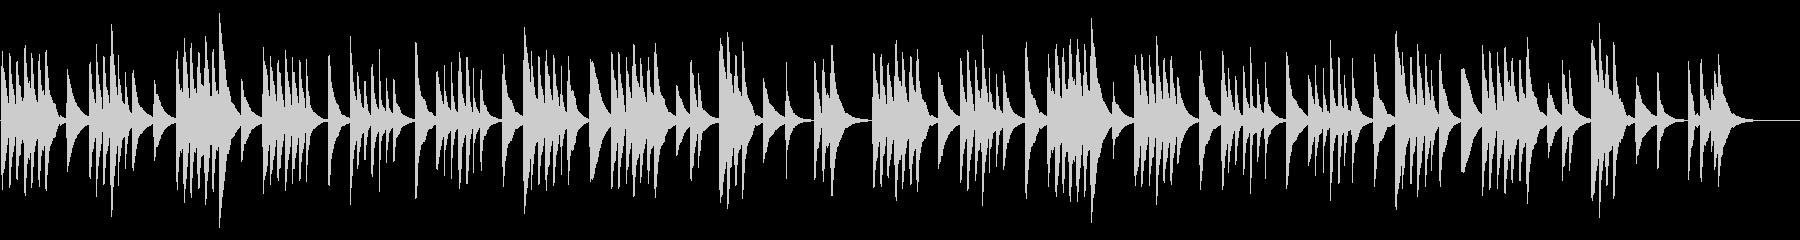 モーツァルトの子守唄 18弁オルゴールの未再生の波形